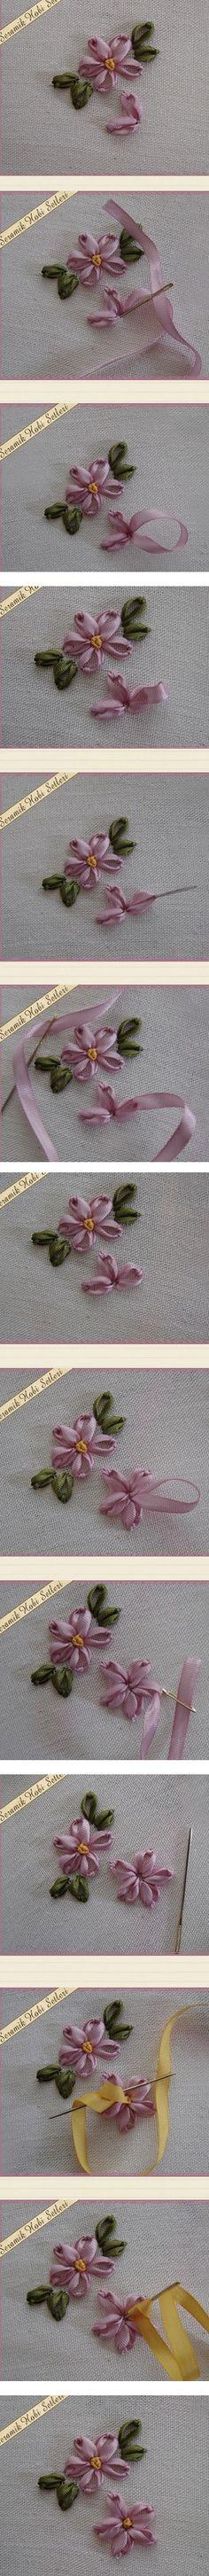 Dainty ribbonwork Daisy.